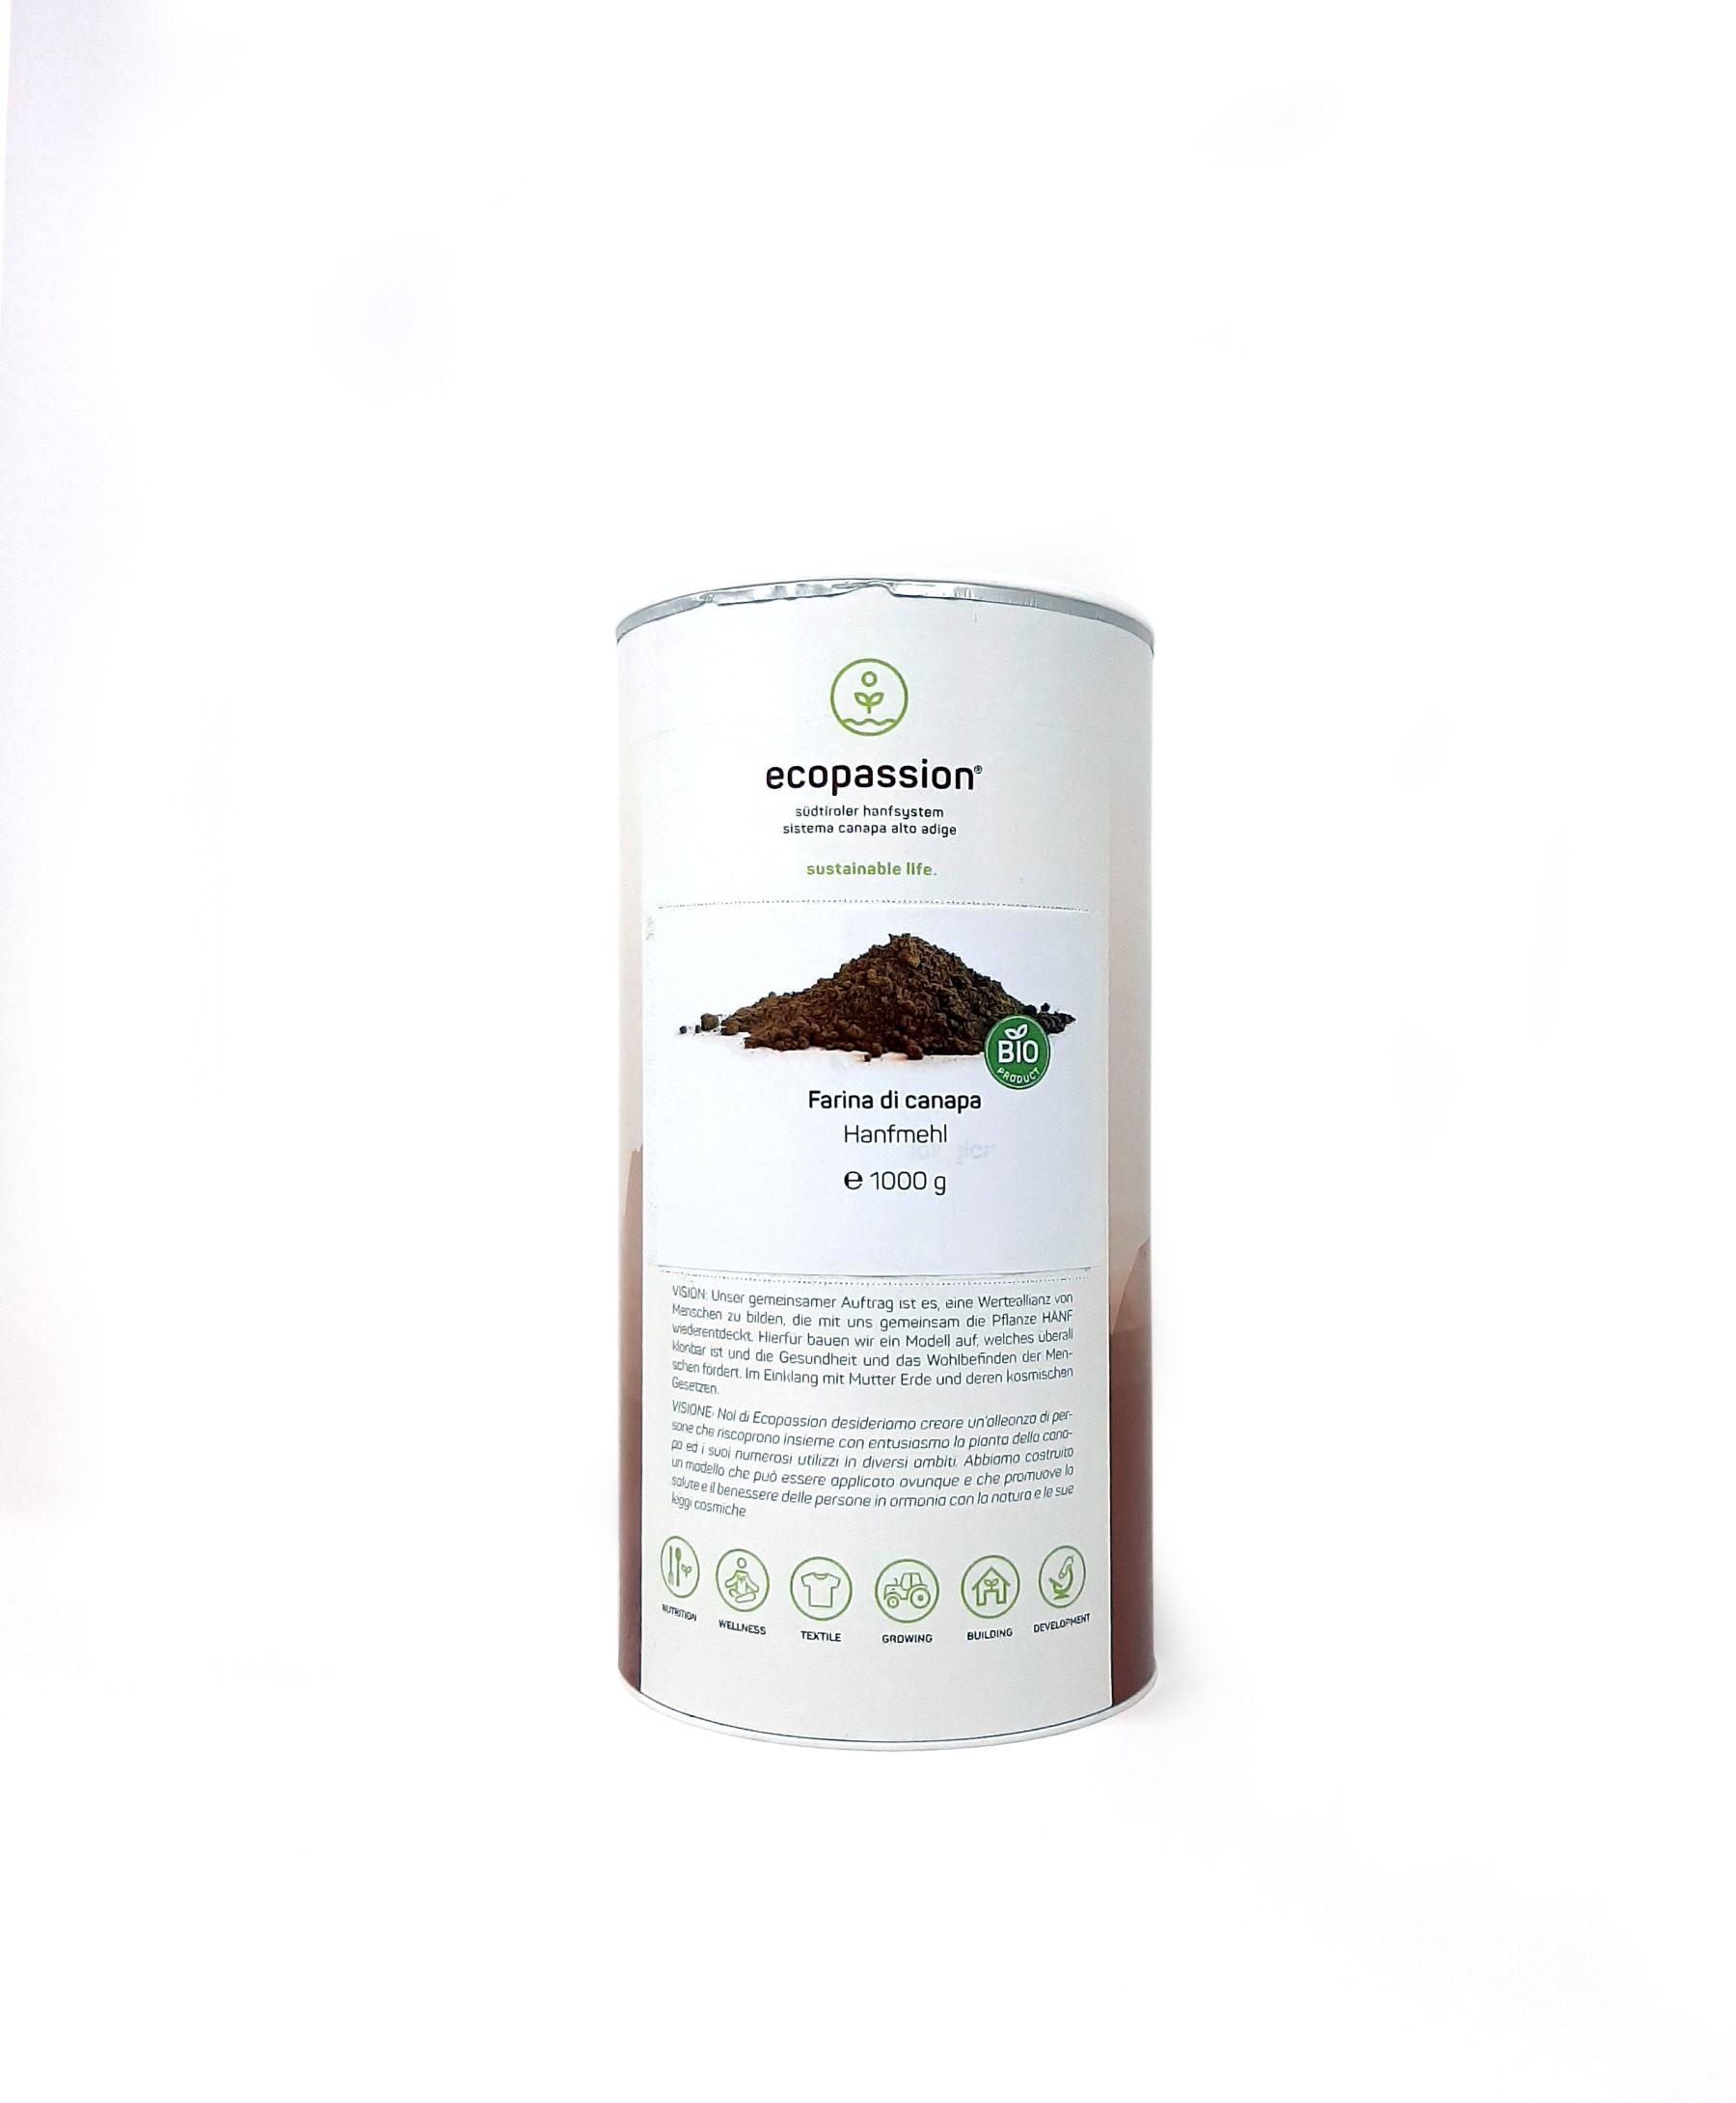 FO1000FAR-farina di canapa-1kg